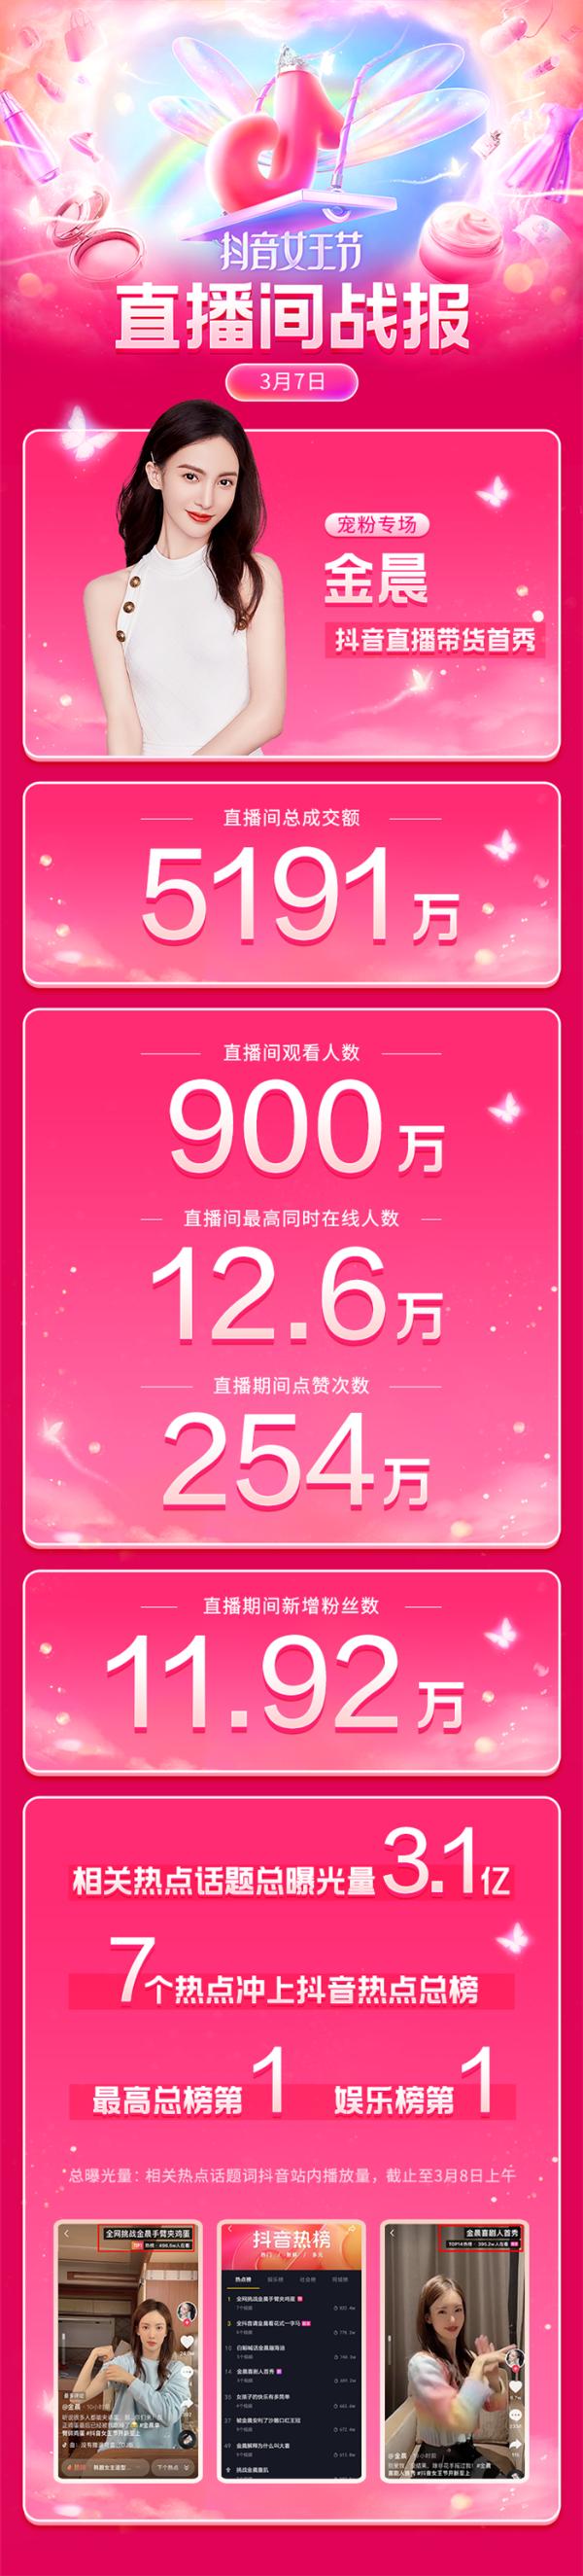 """金晨现身""""抖音女王节""""开启带货首秀,5小时销售额达5191万"""